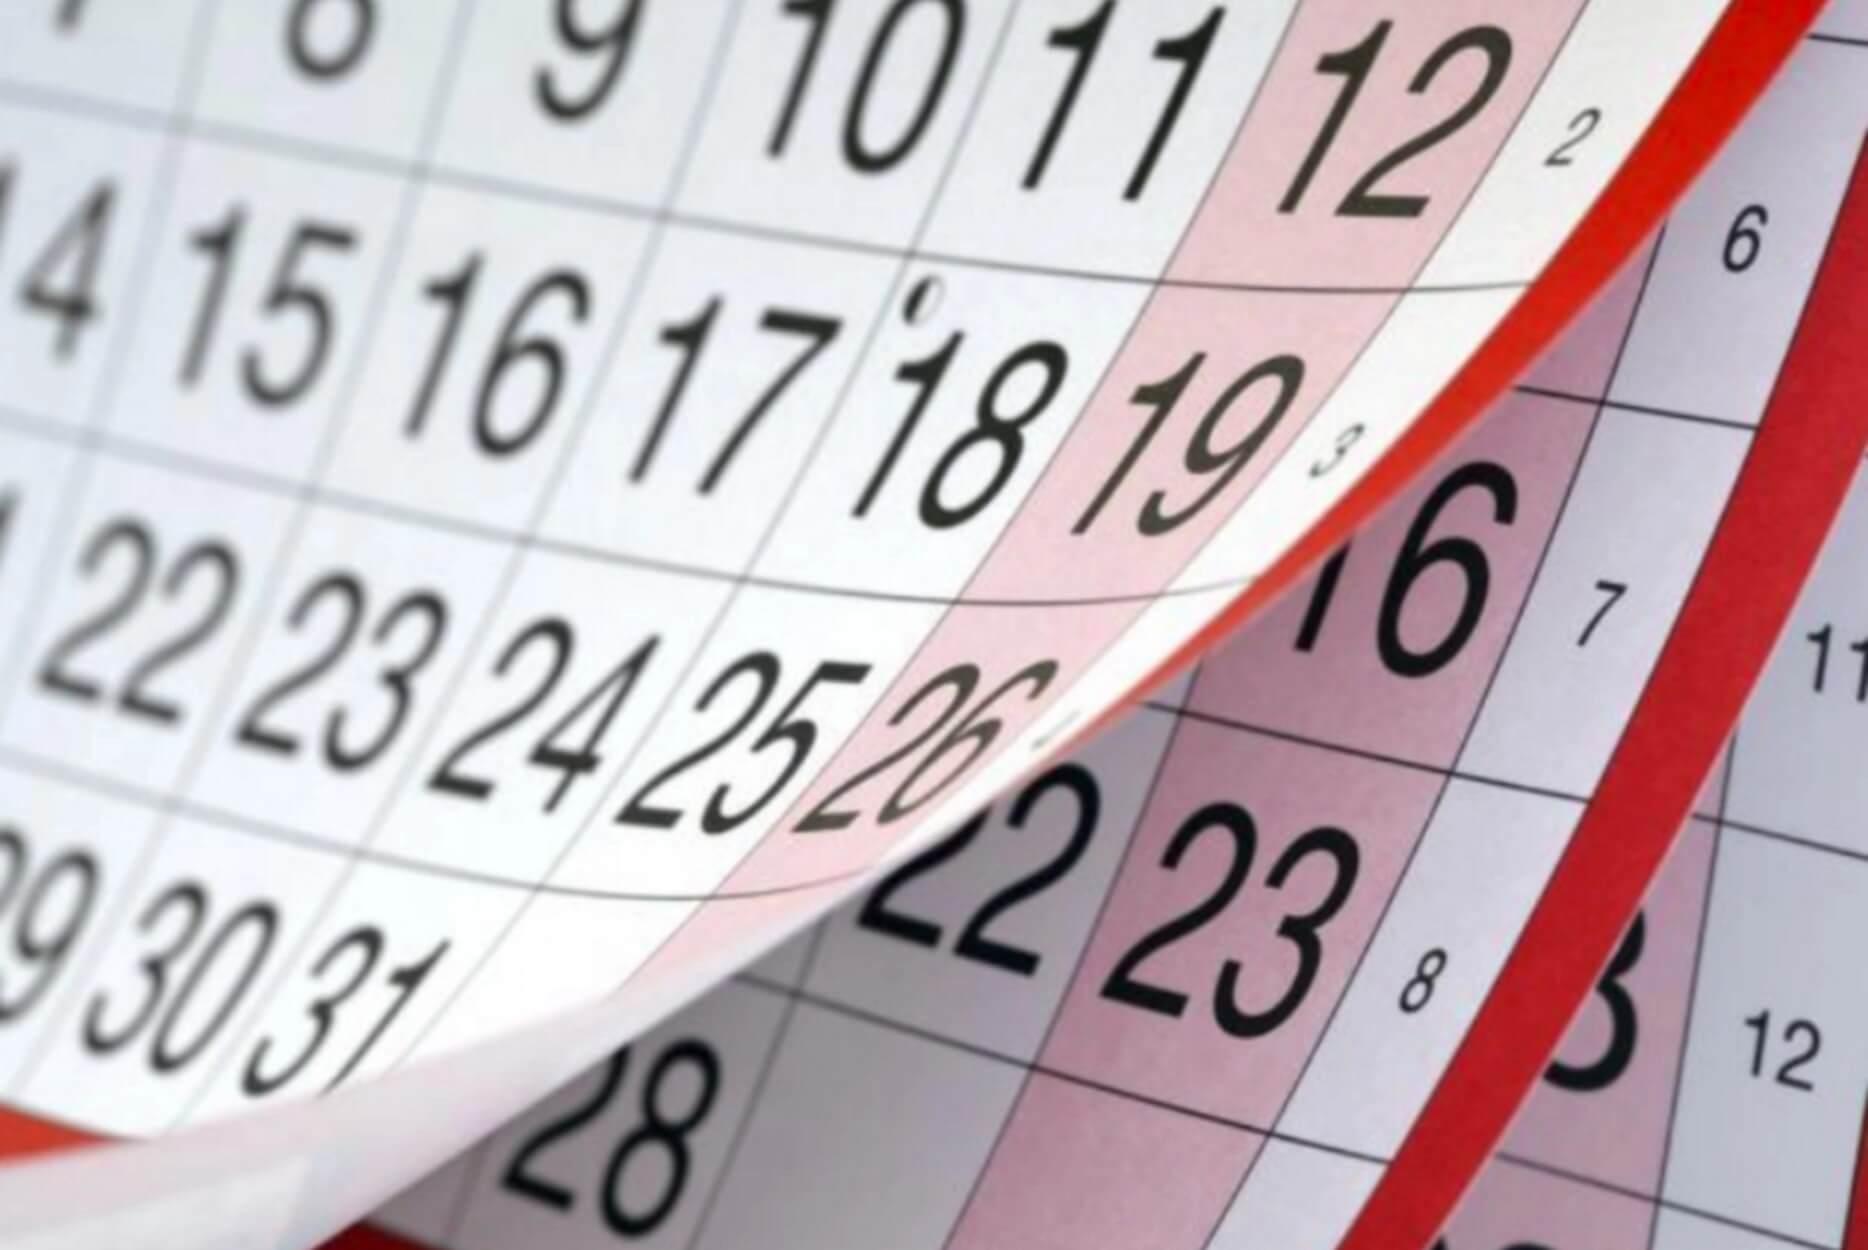 Πάσχα 2020, Αγίου Πνεύματος, οι αργίες και όλα τα τριήμερα